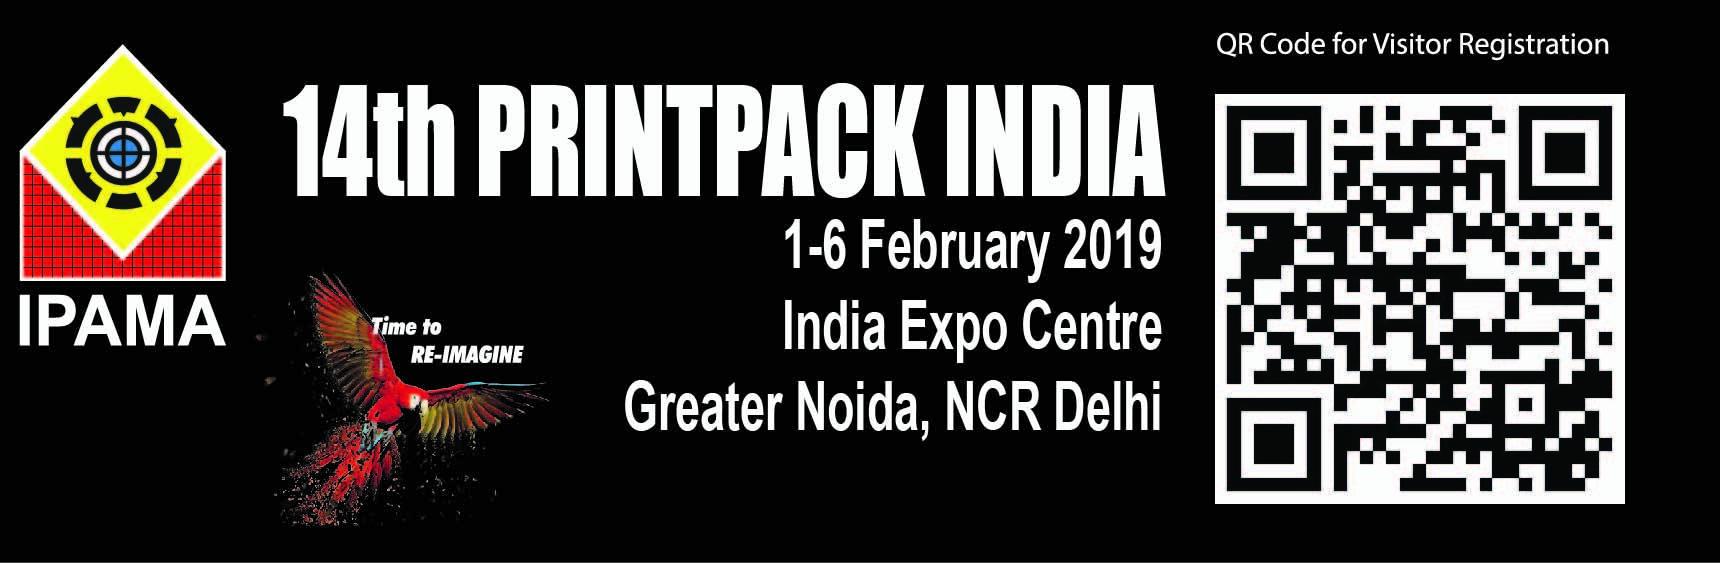 PRINTPACK India 2019